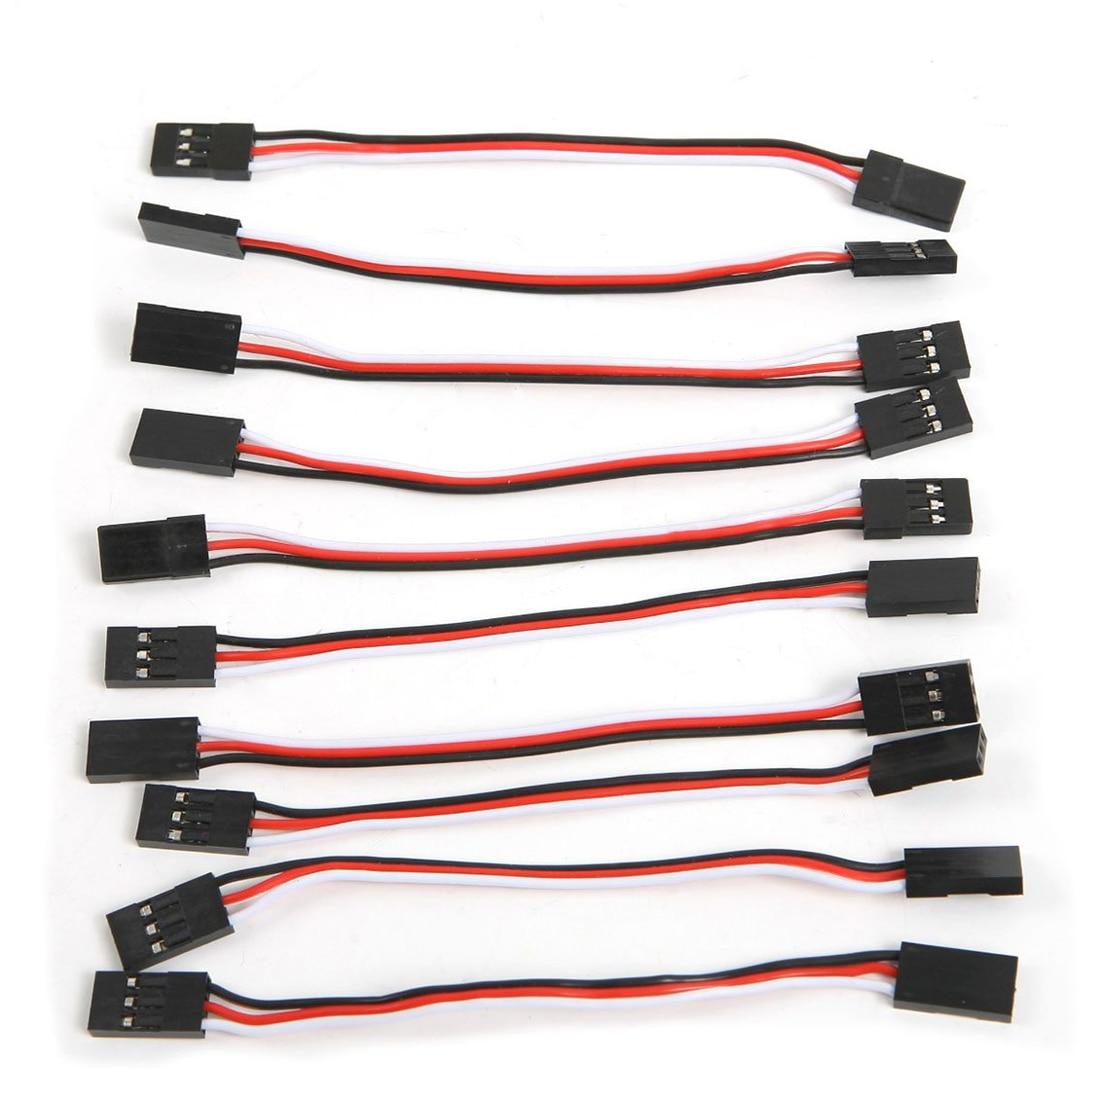 WSFS gorąca 10 sztuk 10cm przedłużacz do serw przewód zasilający kabel z męskiego na męskie